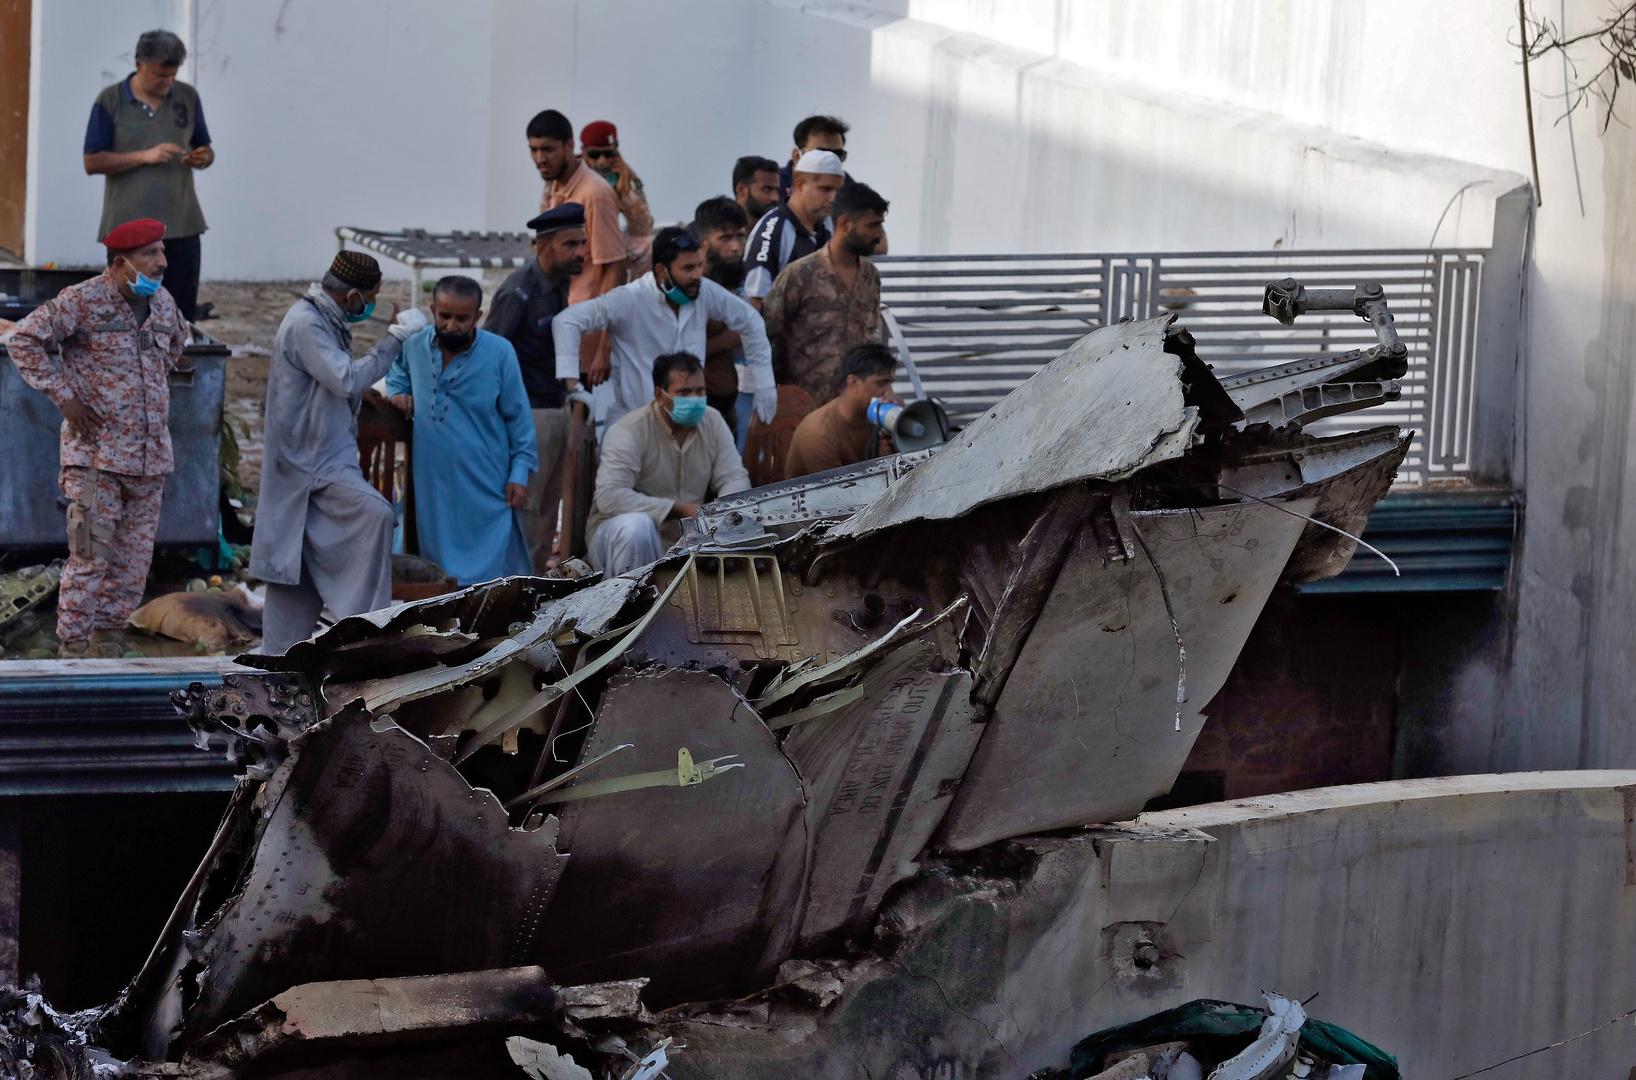 تسجيل لآخر اتصال مع الطائرة الباكستانية المنكوبة يسلط الضوء على أسباب الكارثة